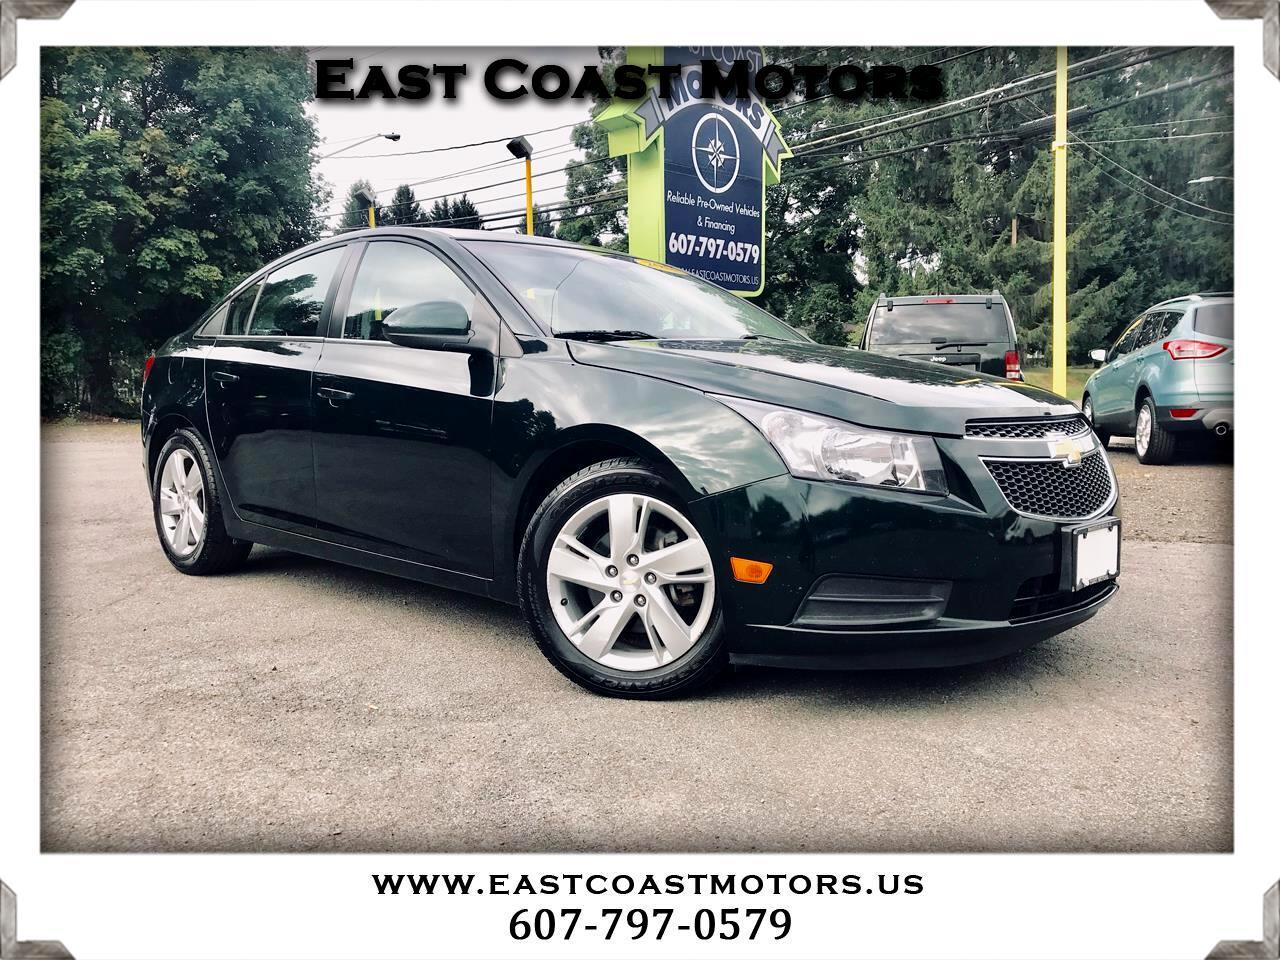 East Coast Motors >> Used Cars For Sale East Coast Motors Of Ny Llc